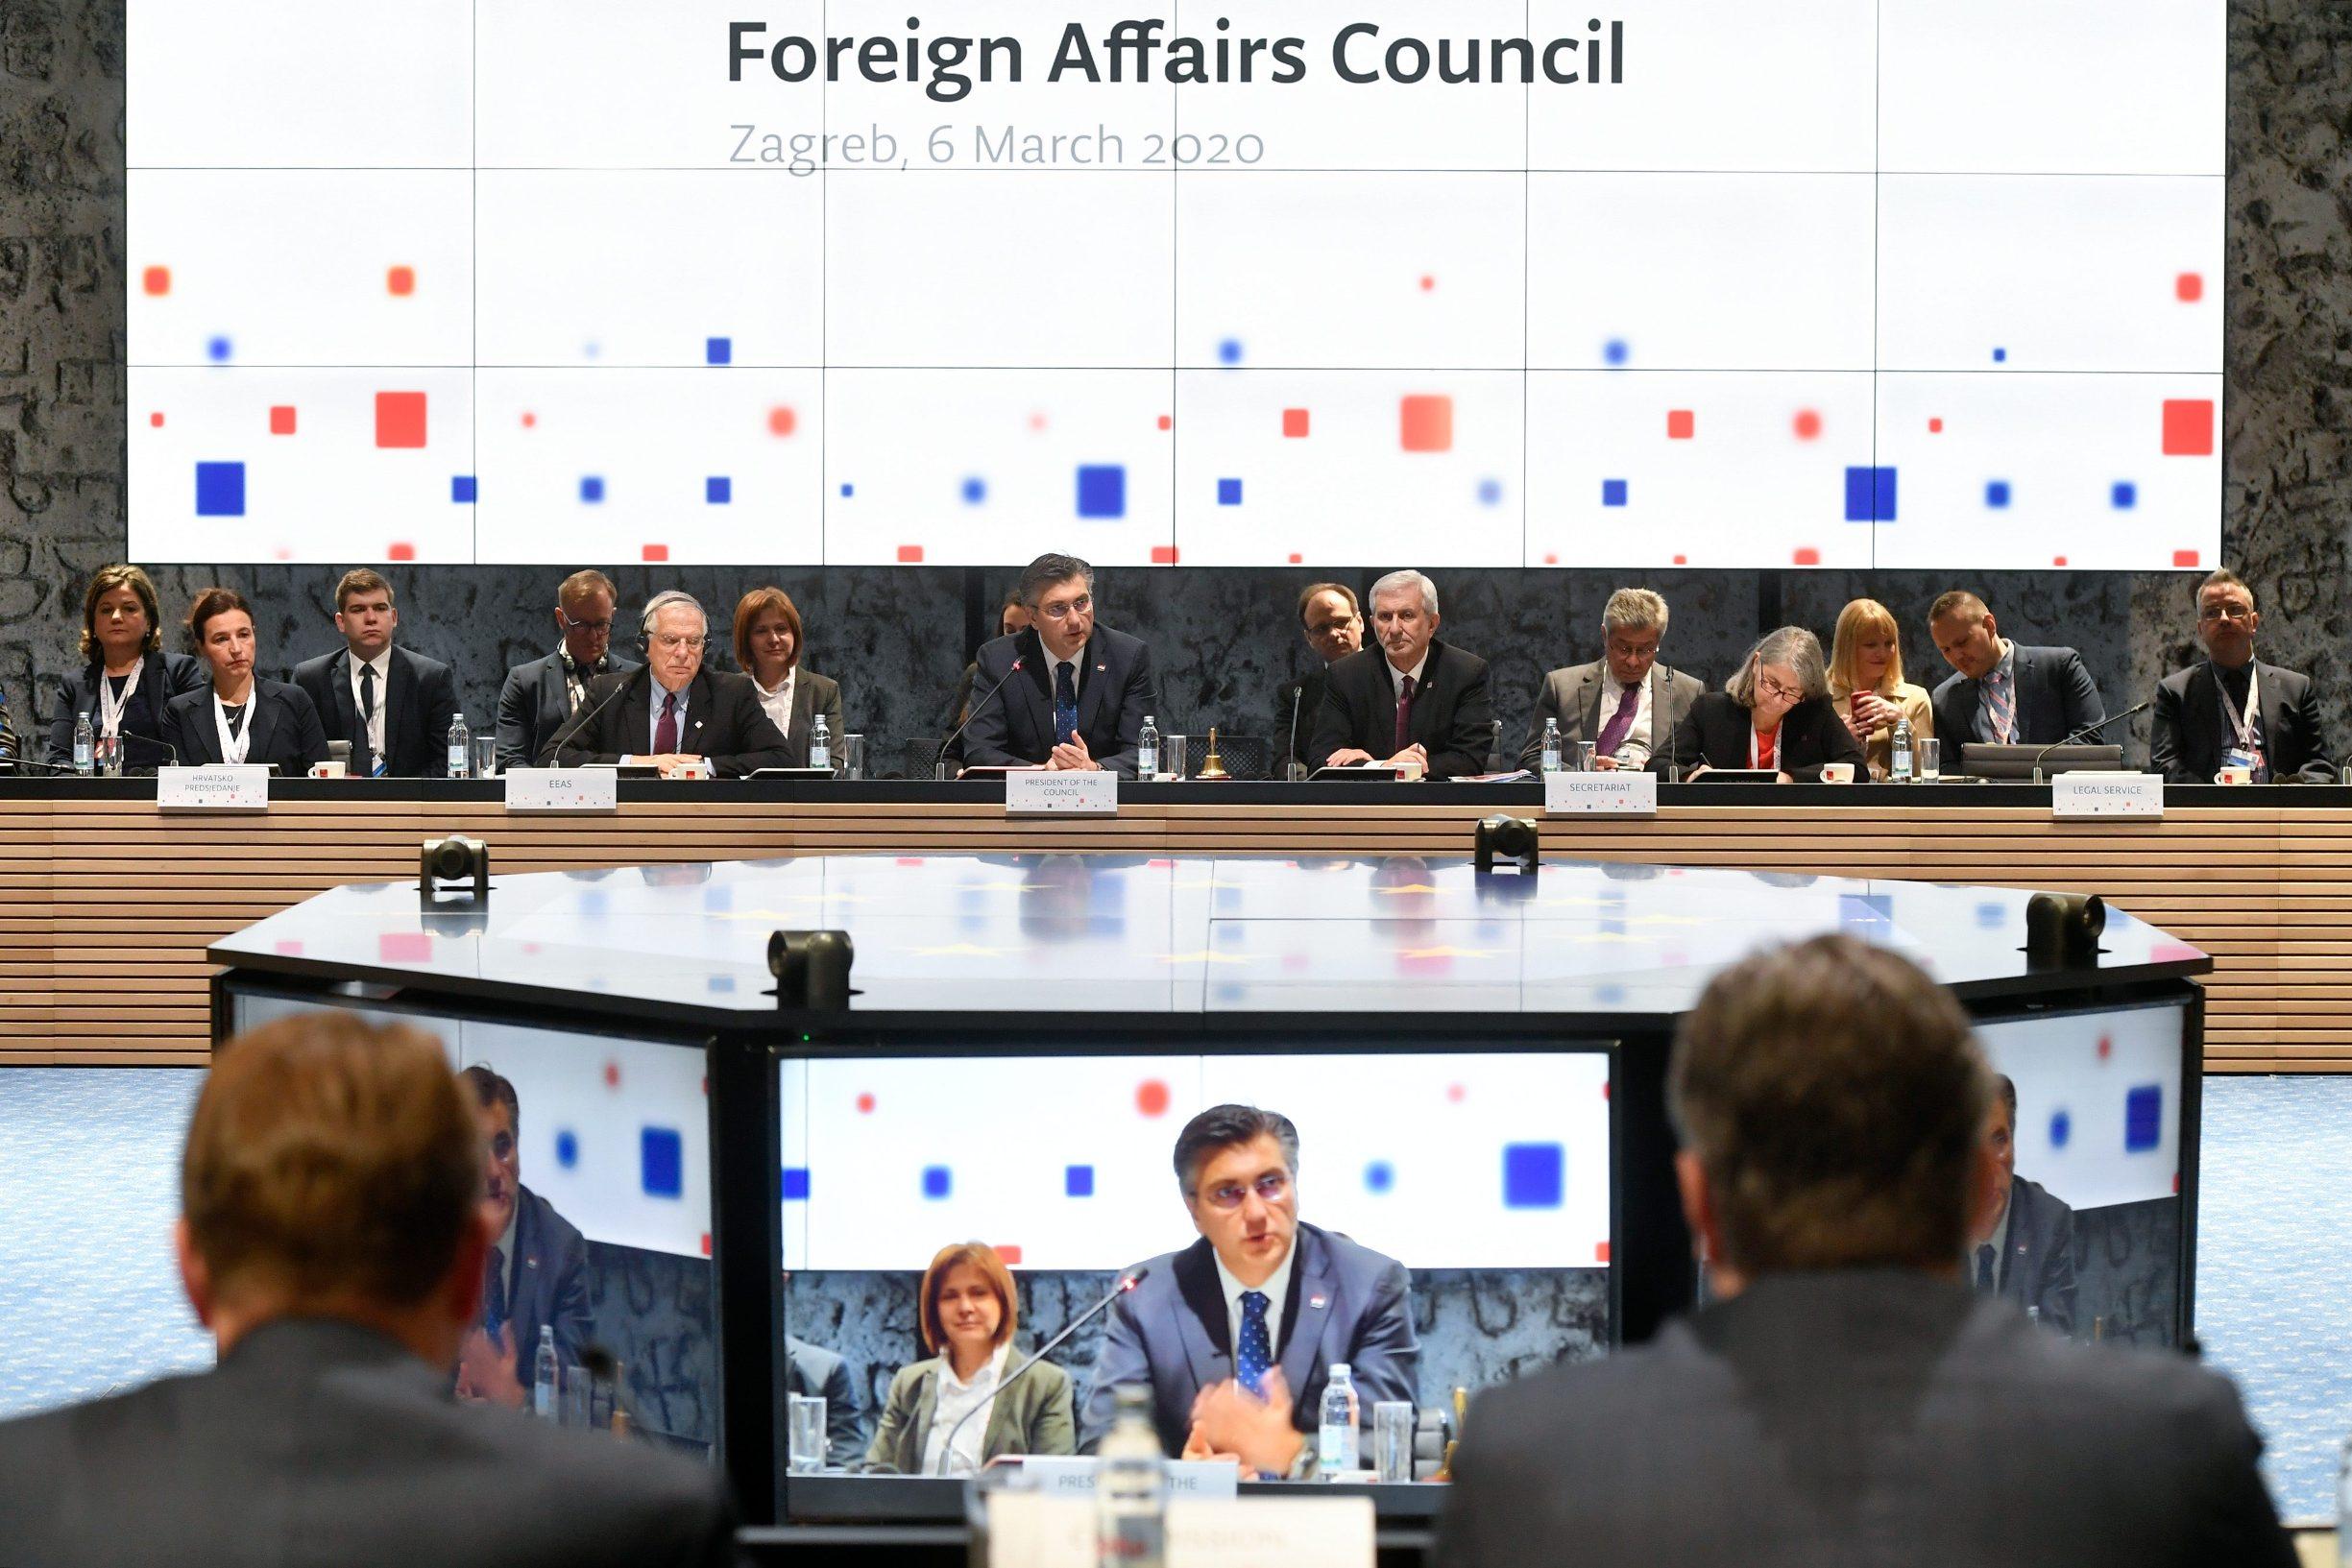 Izvanredni sastanak ministara vanjskih poslova EU posvećen stanju u Siriji u Zagrebu početkom ožujka